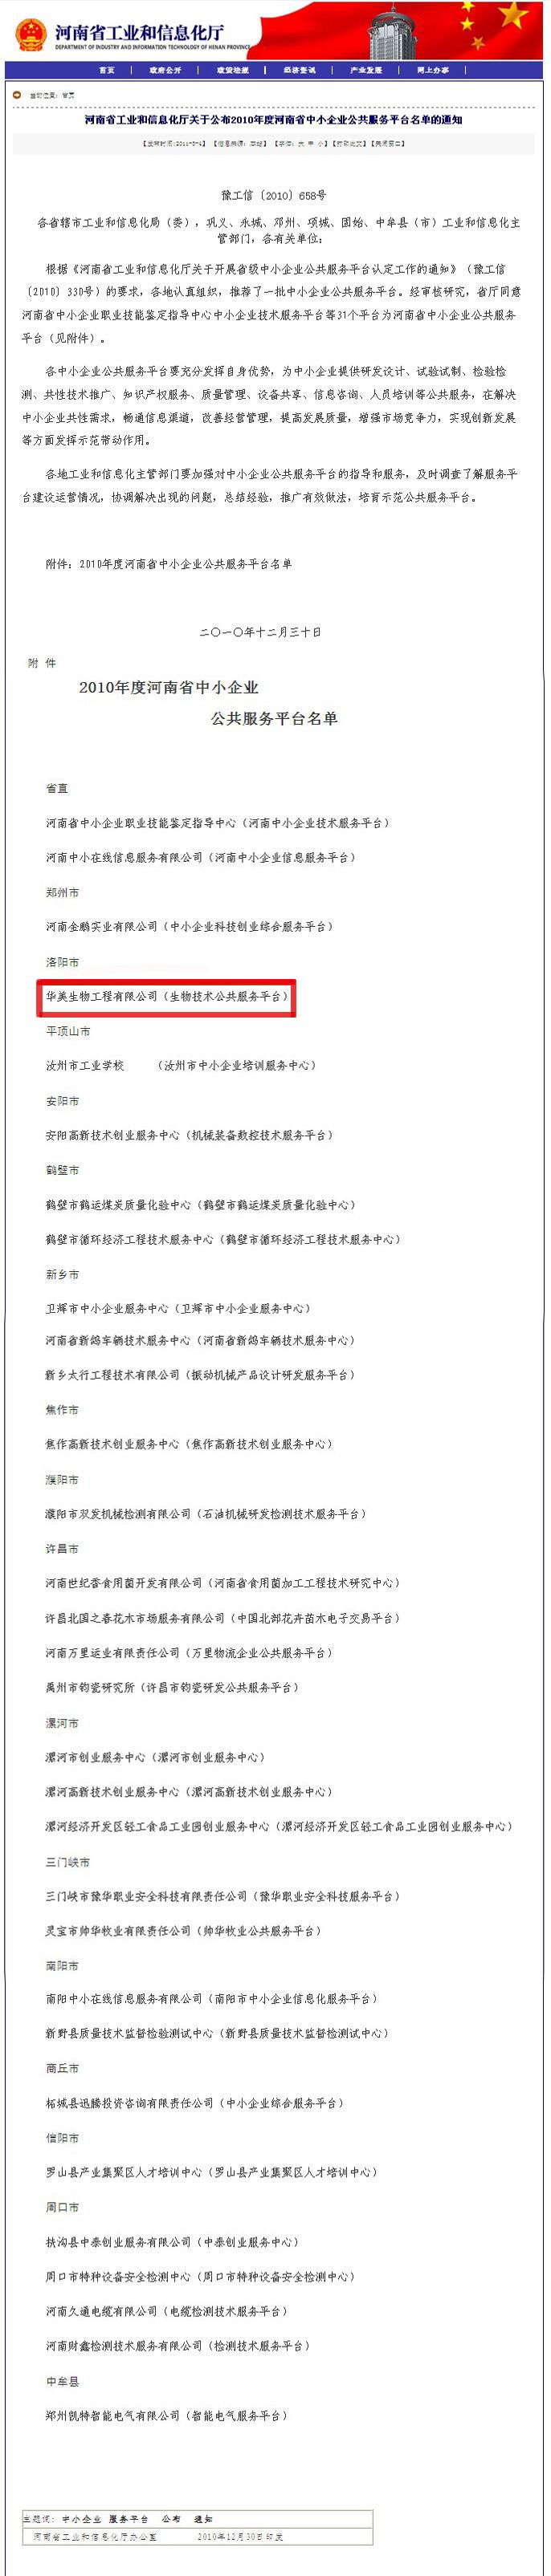 河南省工业和信息化厅关于公布2010年度河南省中小企业公共服务平台名单的通知